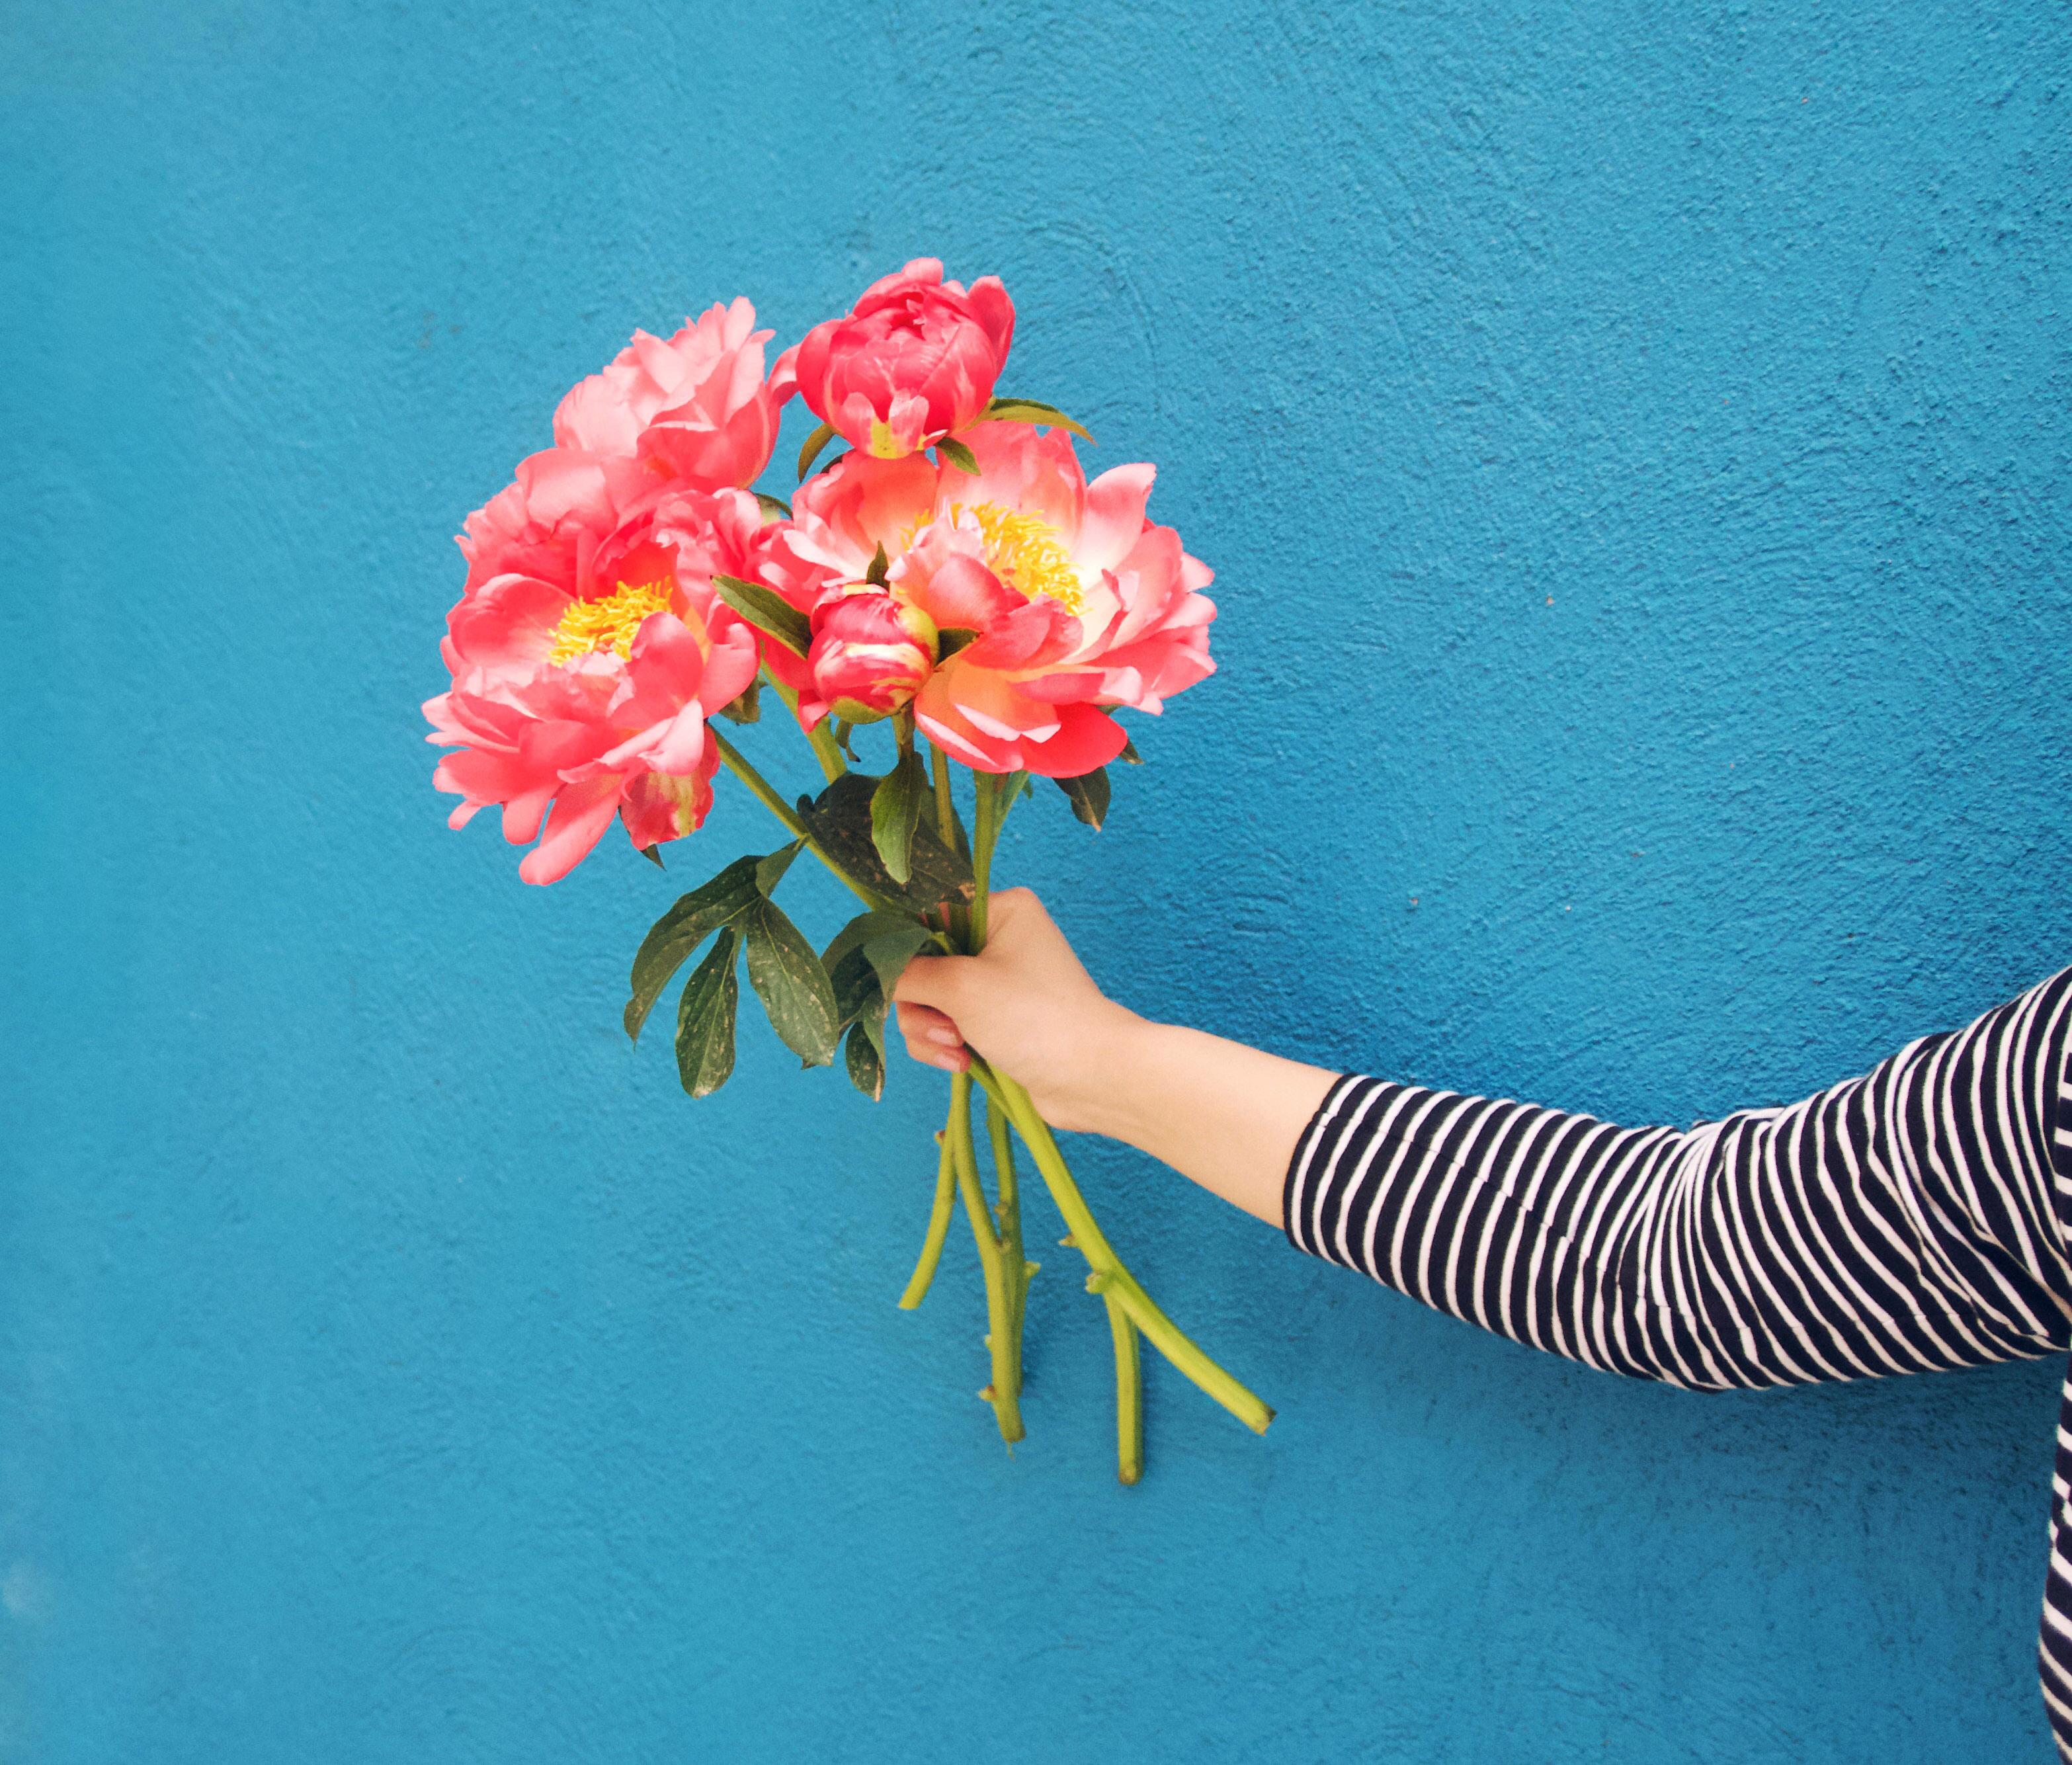 Ya es temporada de peon as blog de flores y noticias - The colvin co ...